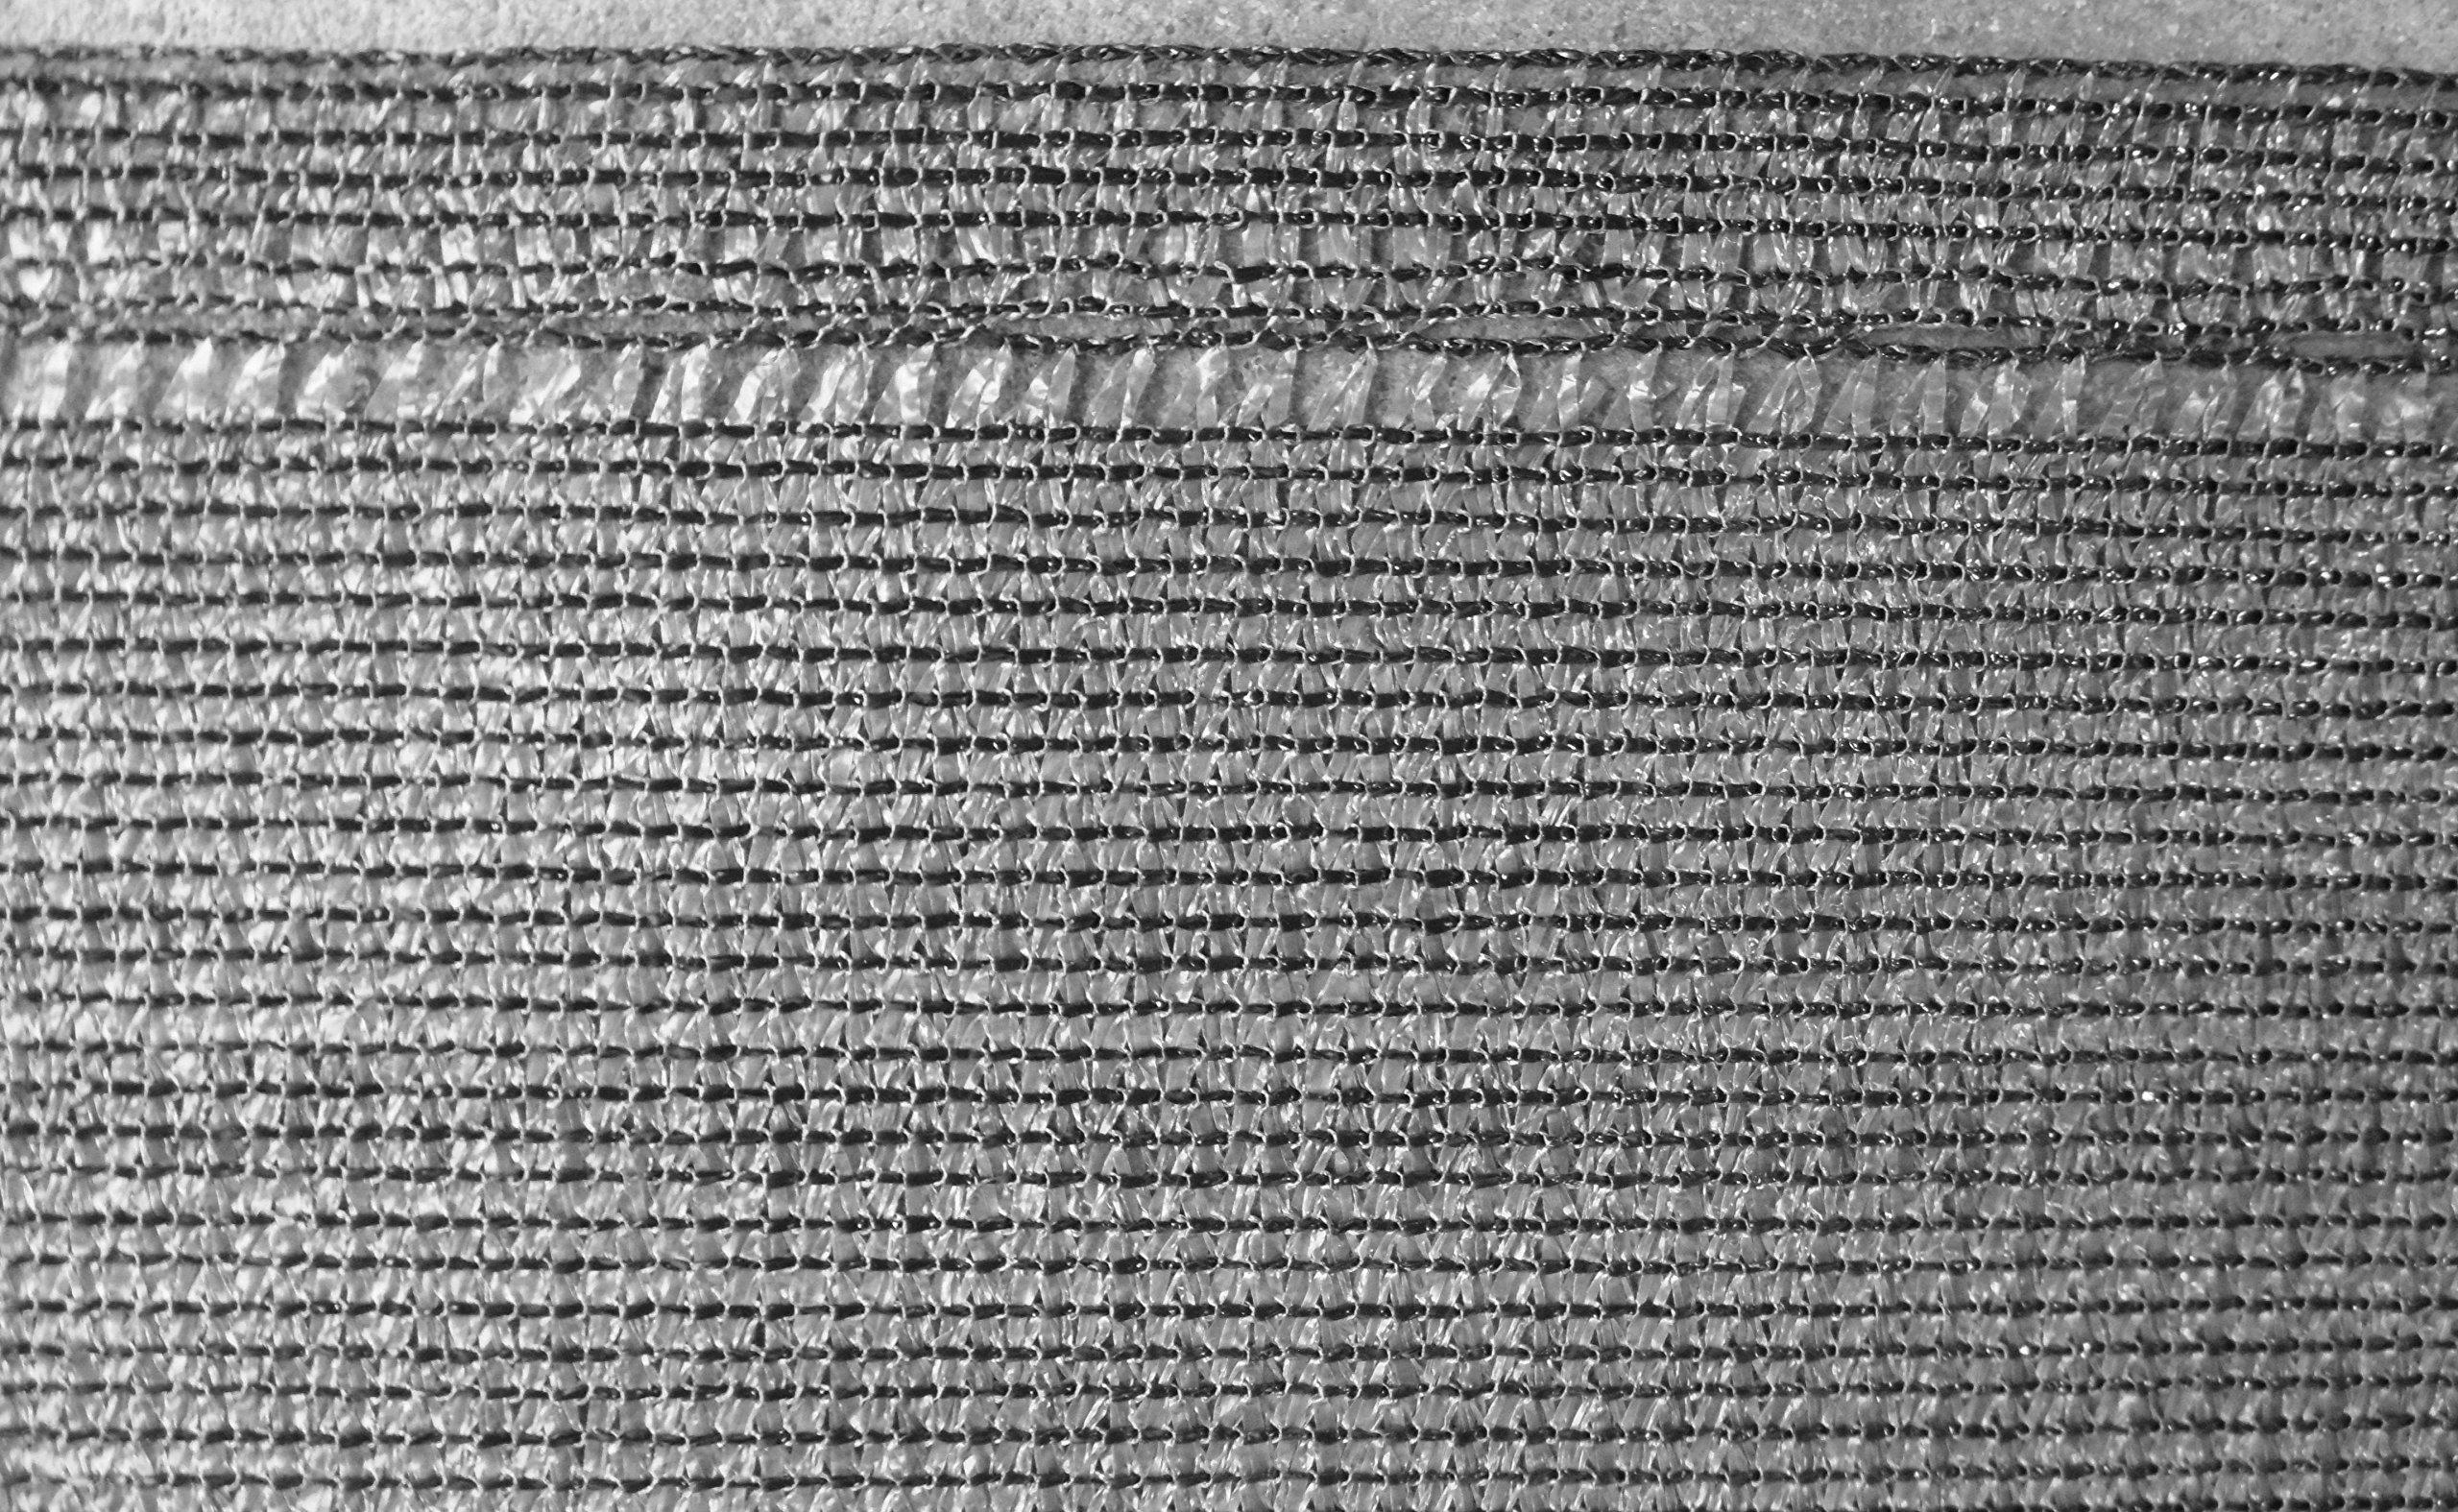 EXCOLO Gerüstnetz Bauzaunnetz Höhe 1,8 m als Windnetz Staubschutz Sichtschutz Plane für Gerüst und Bauzaun in Grau (10…